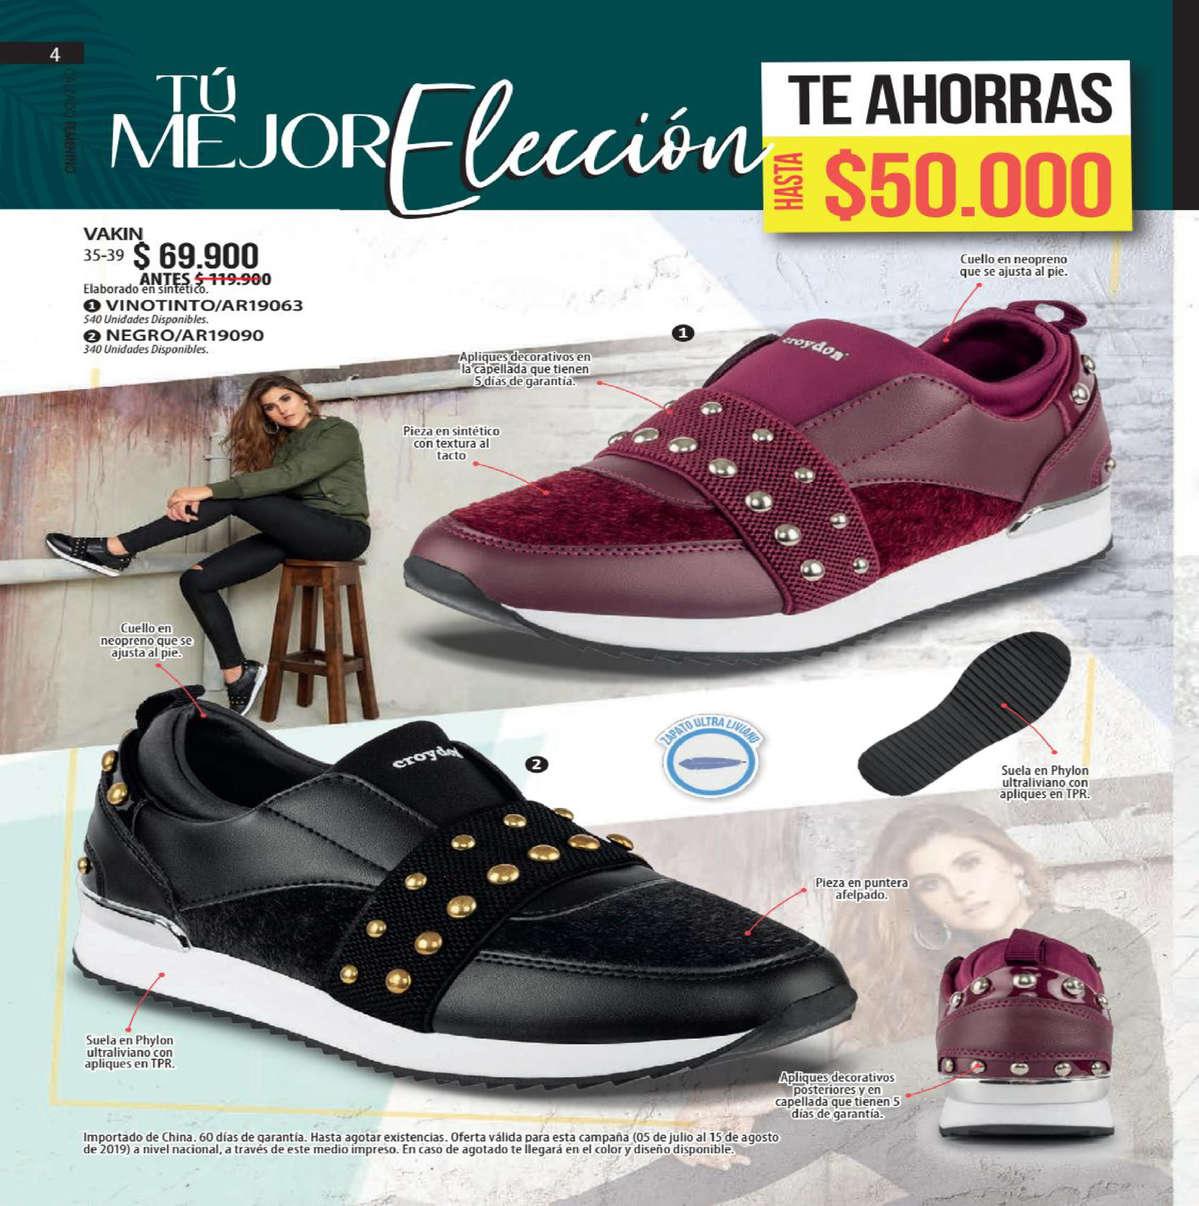 45594f674d Comprar Ropa deportiva hombre en Medellín - Tiendas y promociones - Ofertia